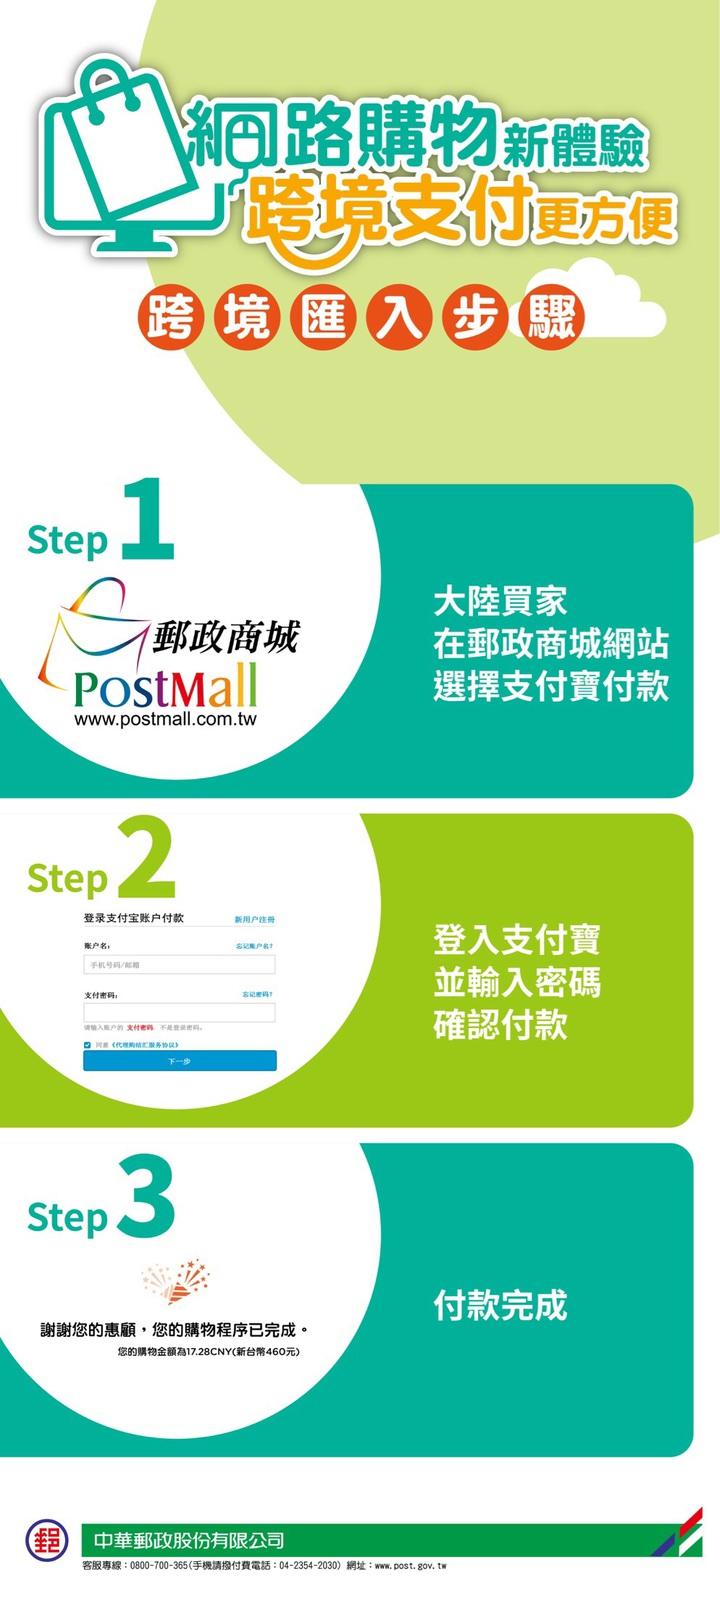 自9月起,大陸民眾也可用支付寶購買郵政商城商品。圖/中華郵政公司提供